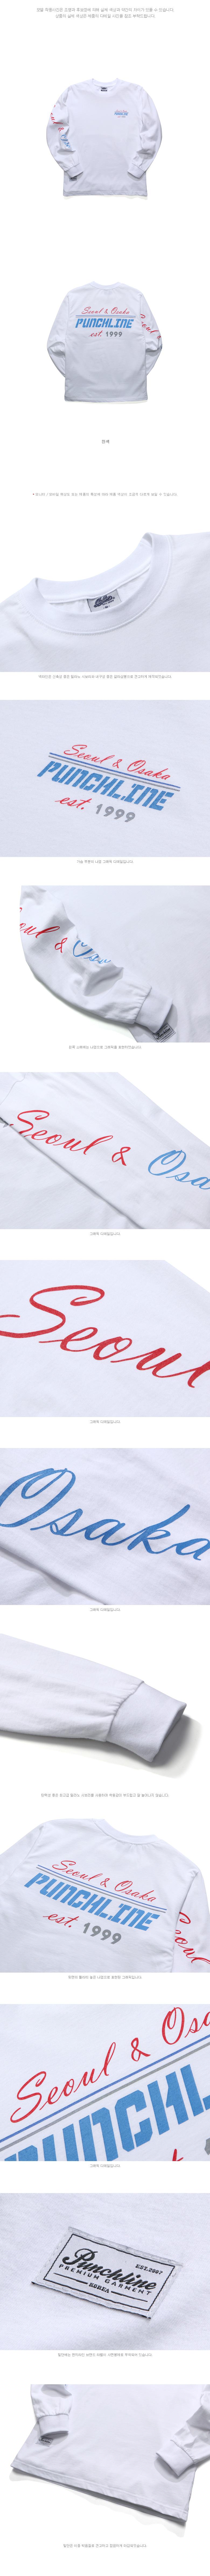 KHLT6111_detail_white.jpg